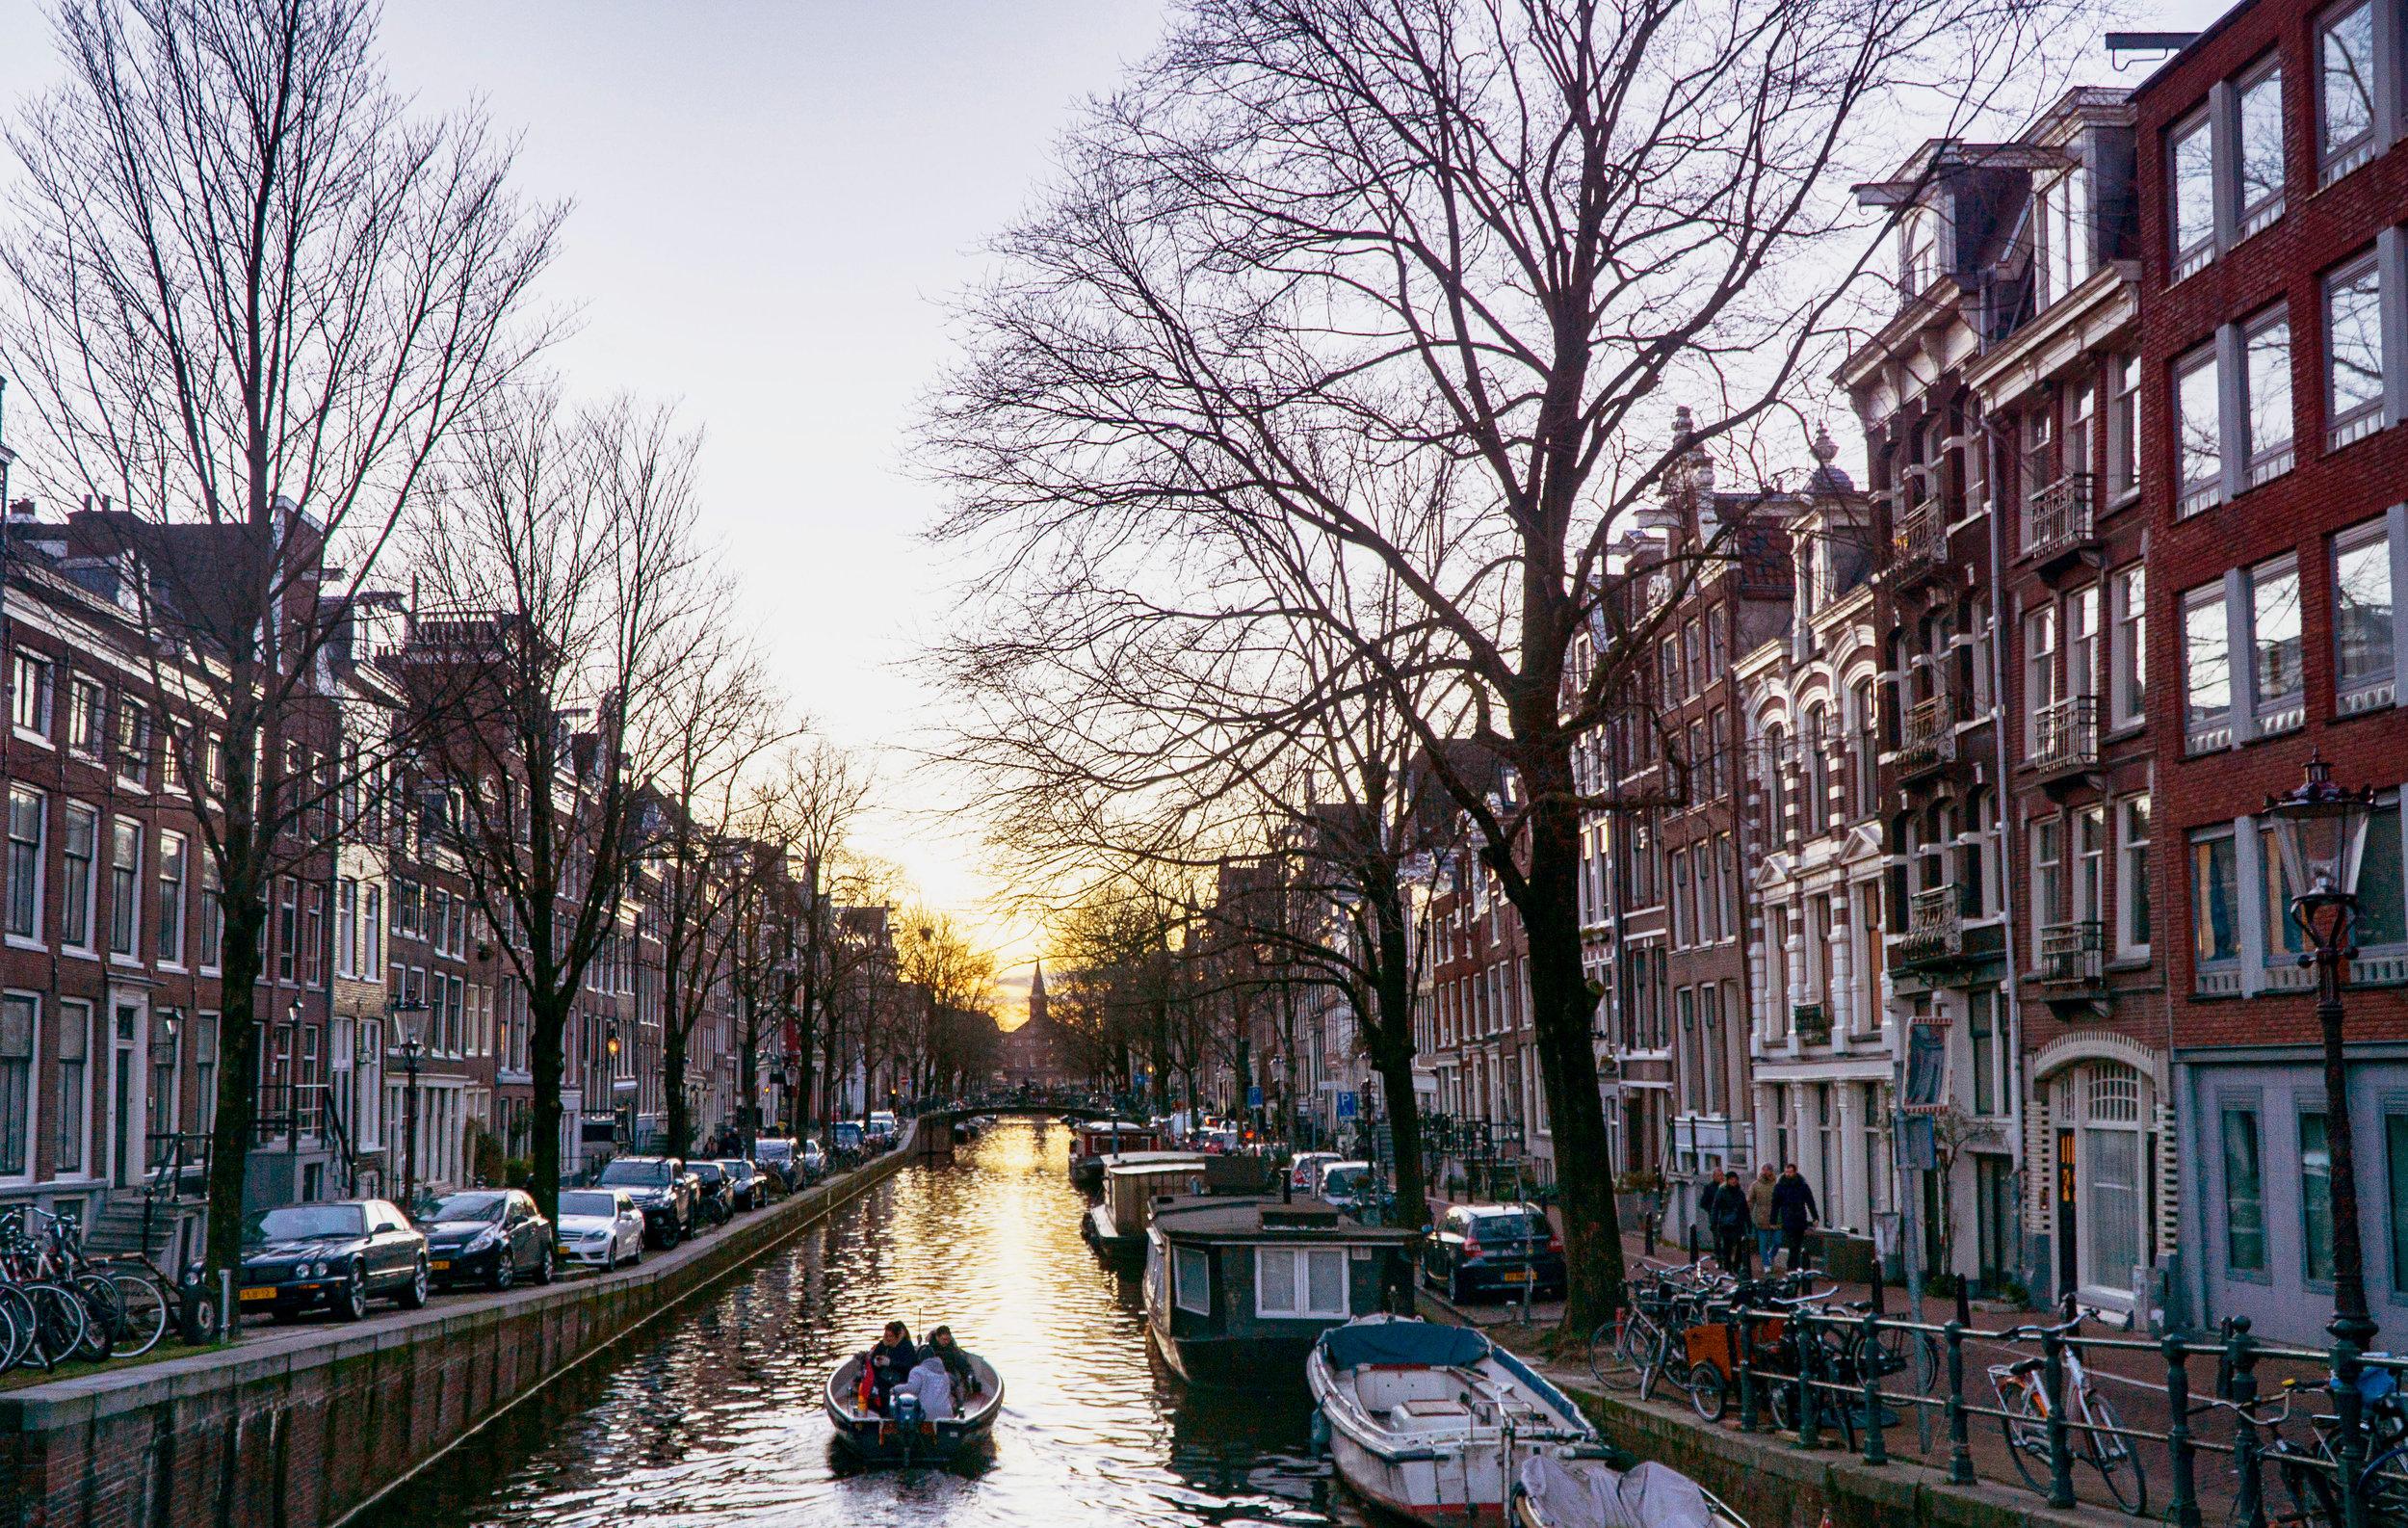 Amsterdam_vickygood_travel_photography6_sm.jpg